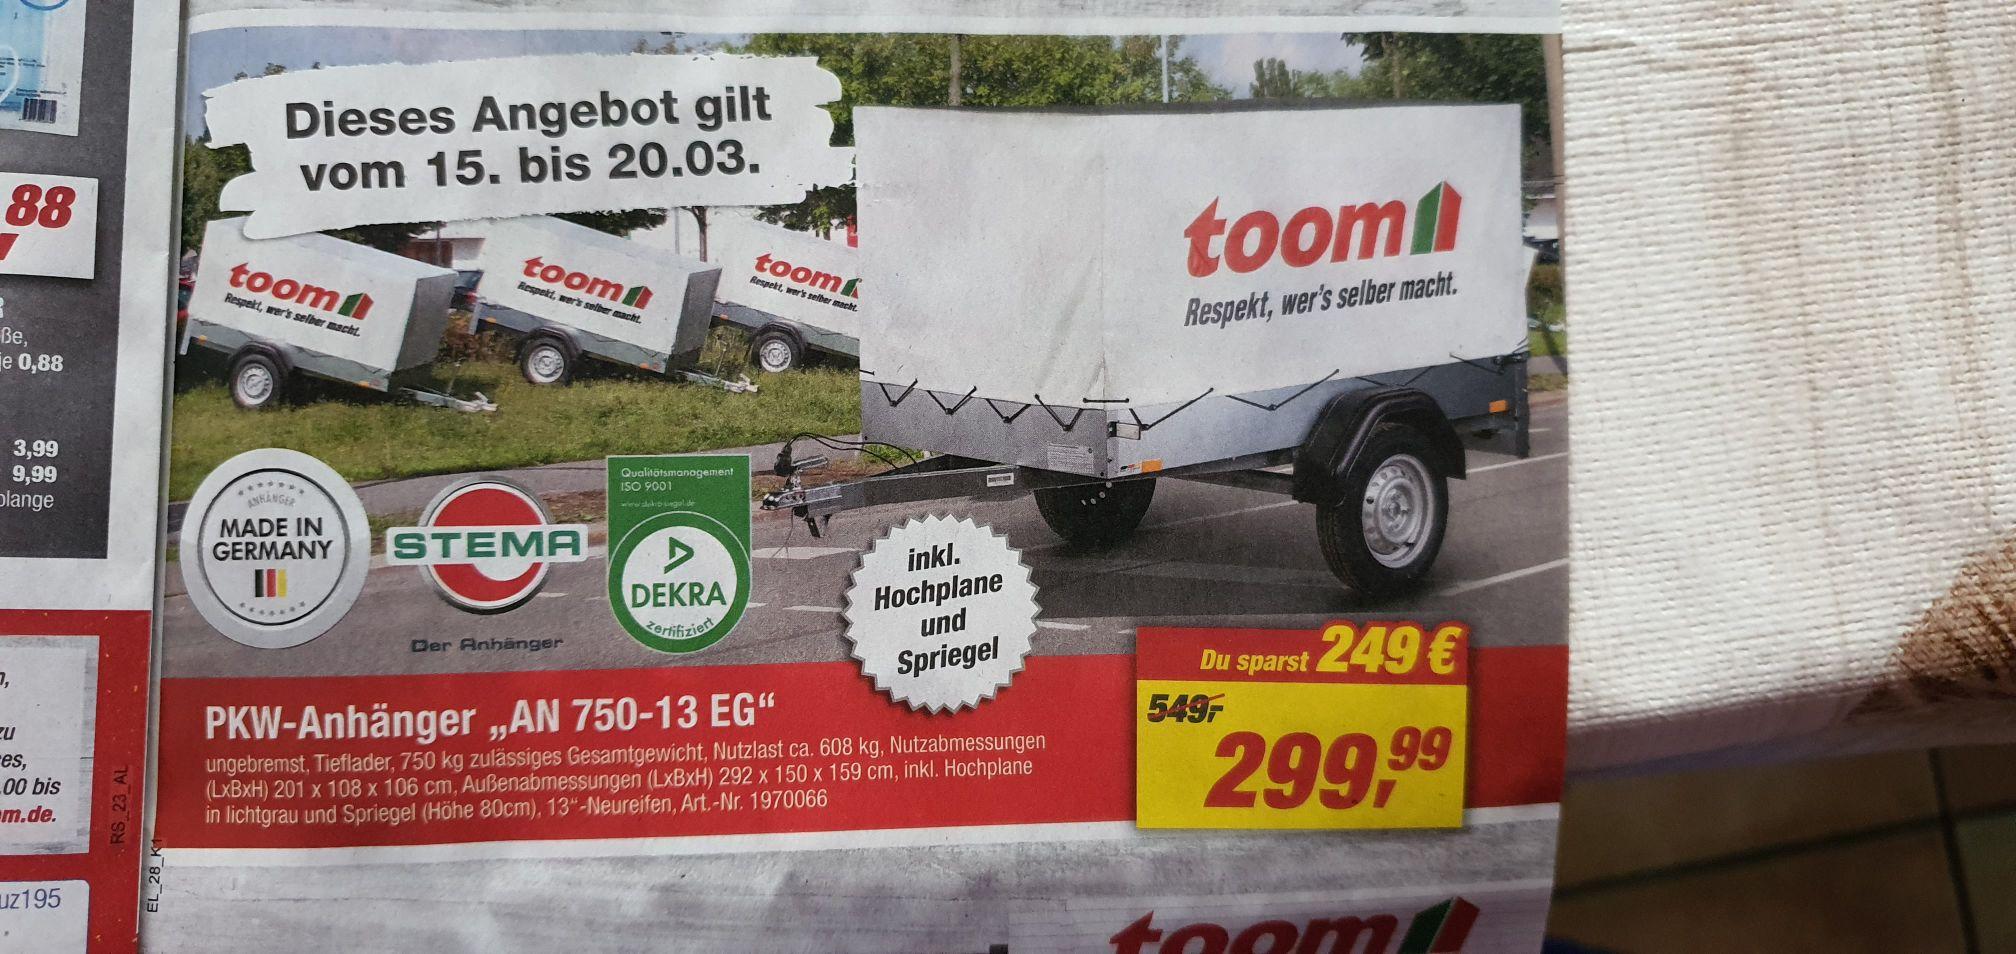 Pkw Anhänger An 750 13 EG (lokal Wattenscheid)